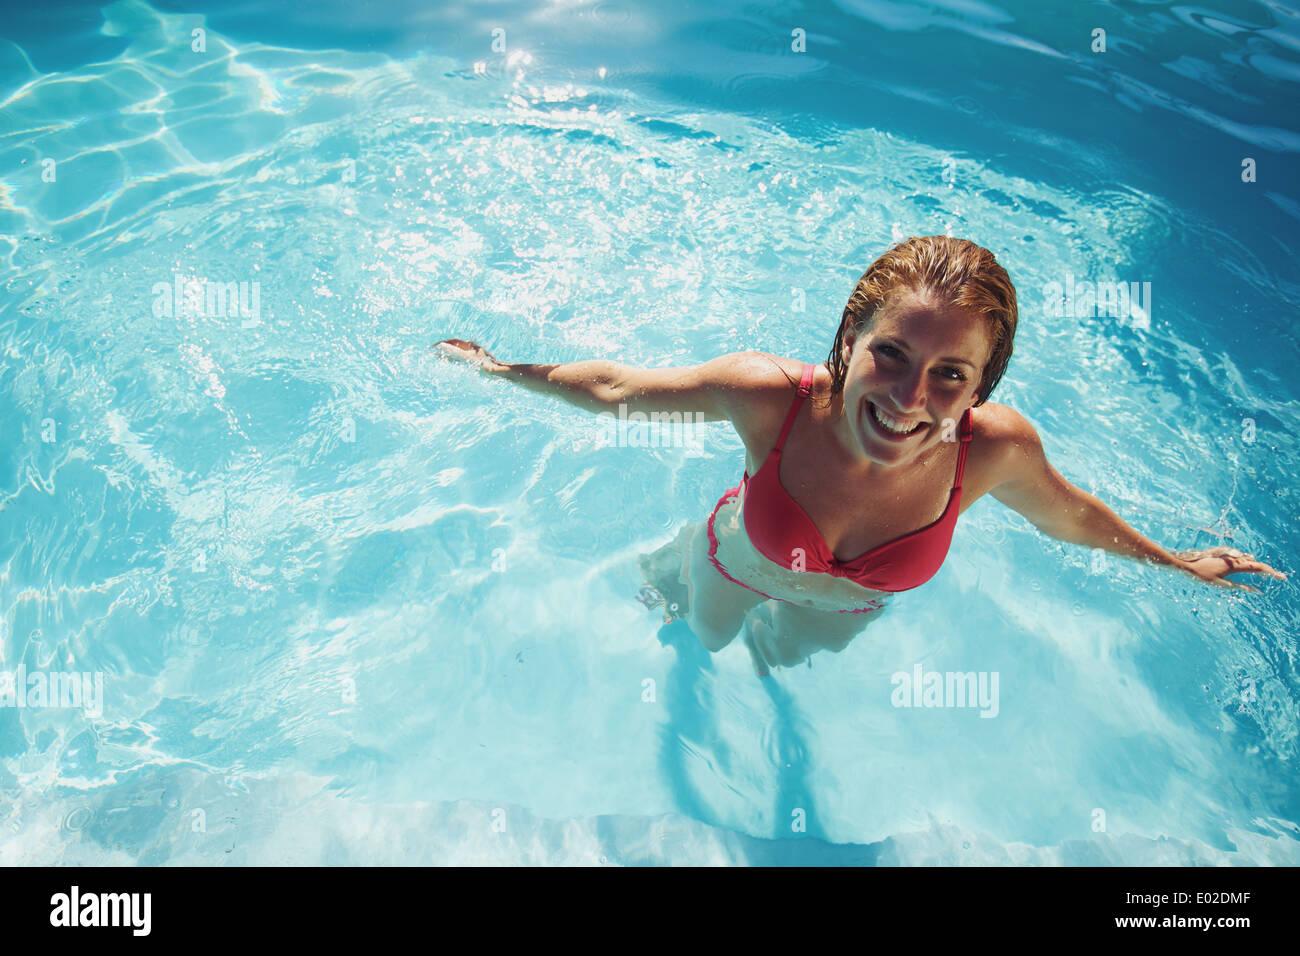 Fröhliches junges Mädchen entspannend in einem Schwimmbad. Junge Frau trägt Badebekleidung stehen Stockbild